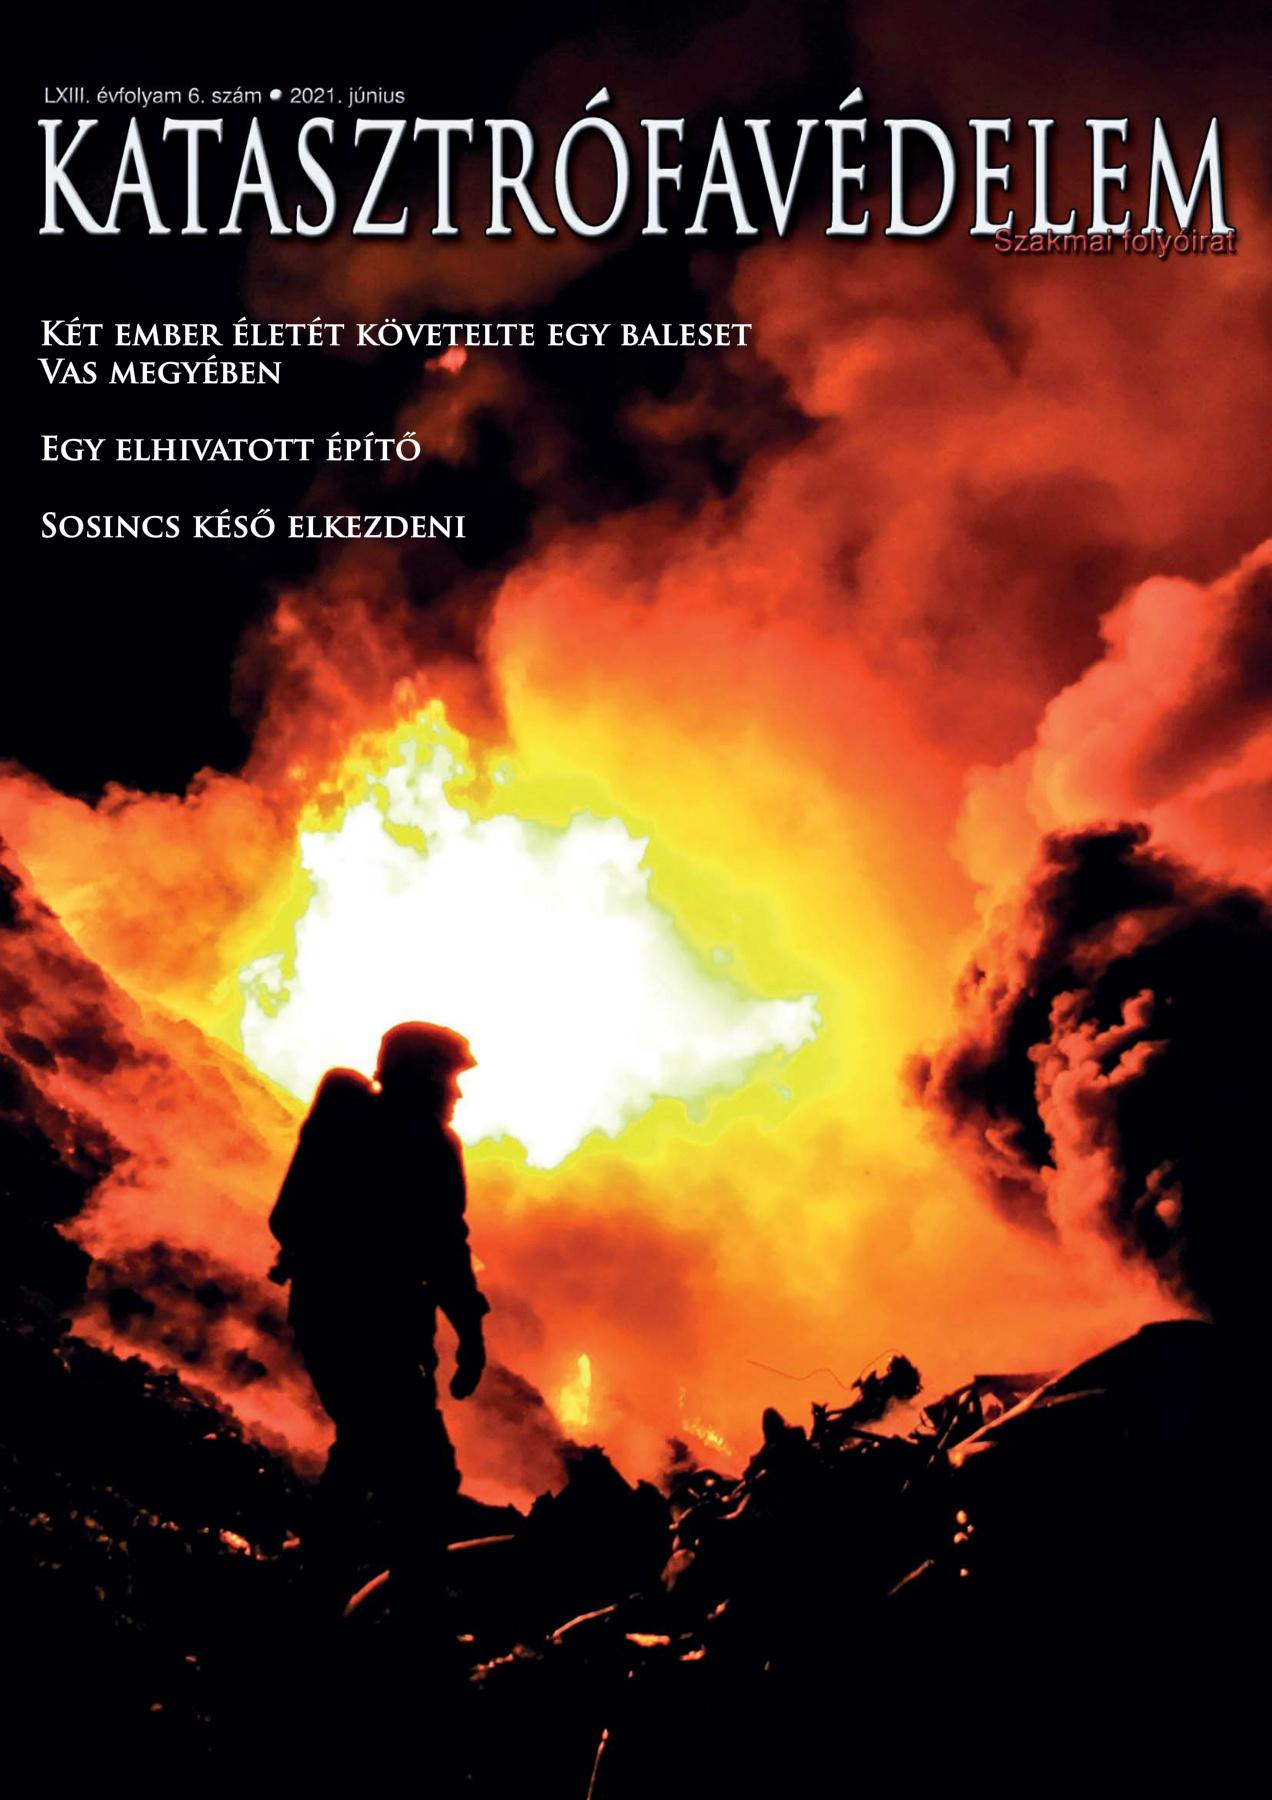 A Katasztrófavédelem magazin LXIII. évfolyam 6. szám megtekintése